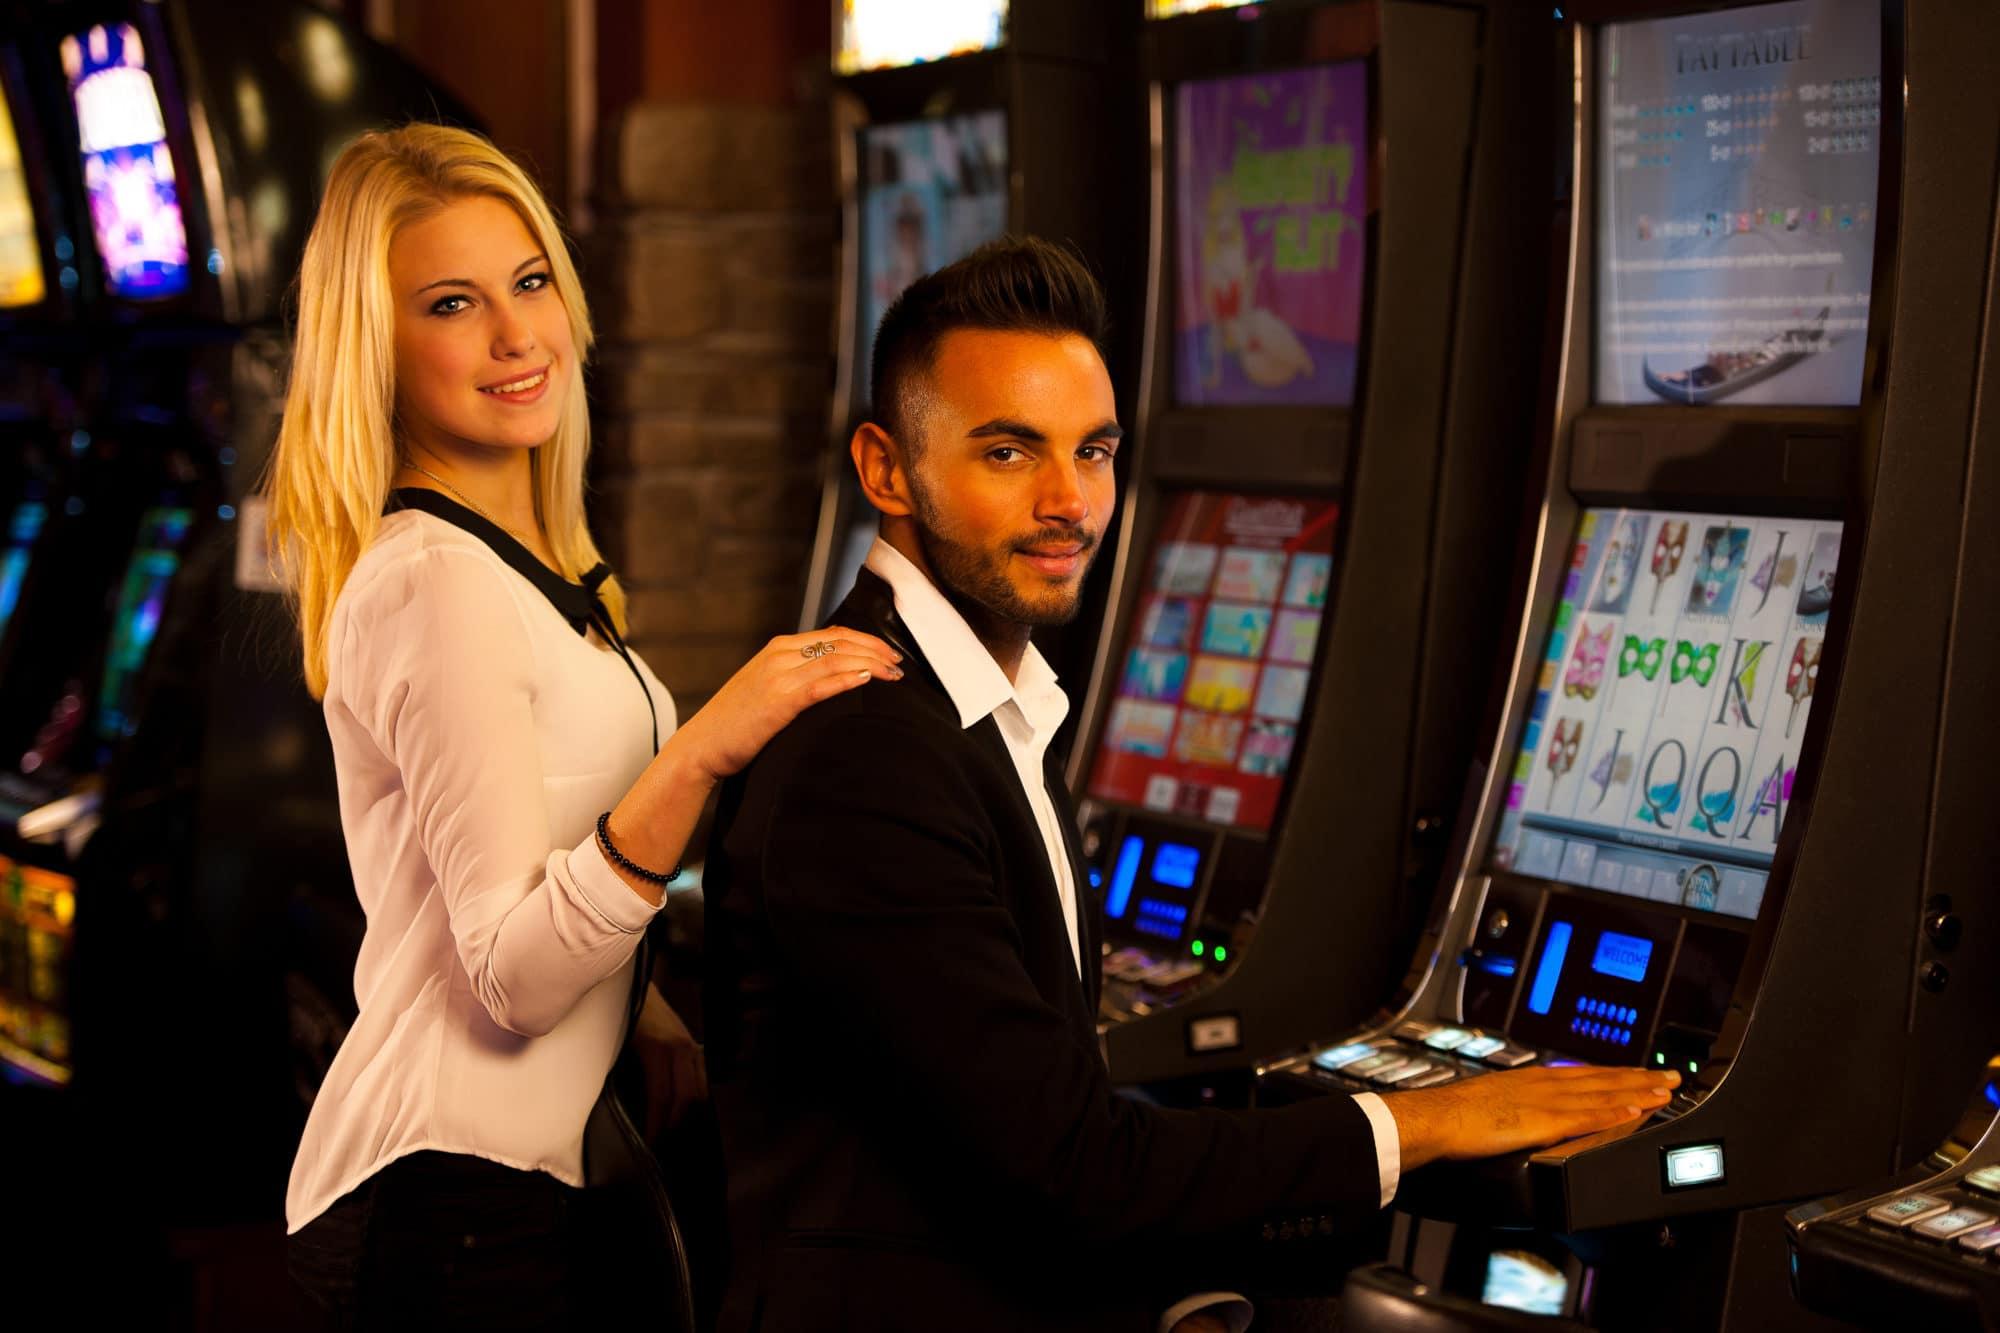 fremdes geld spielautomat leerspielen